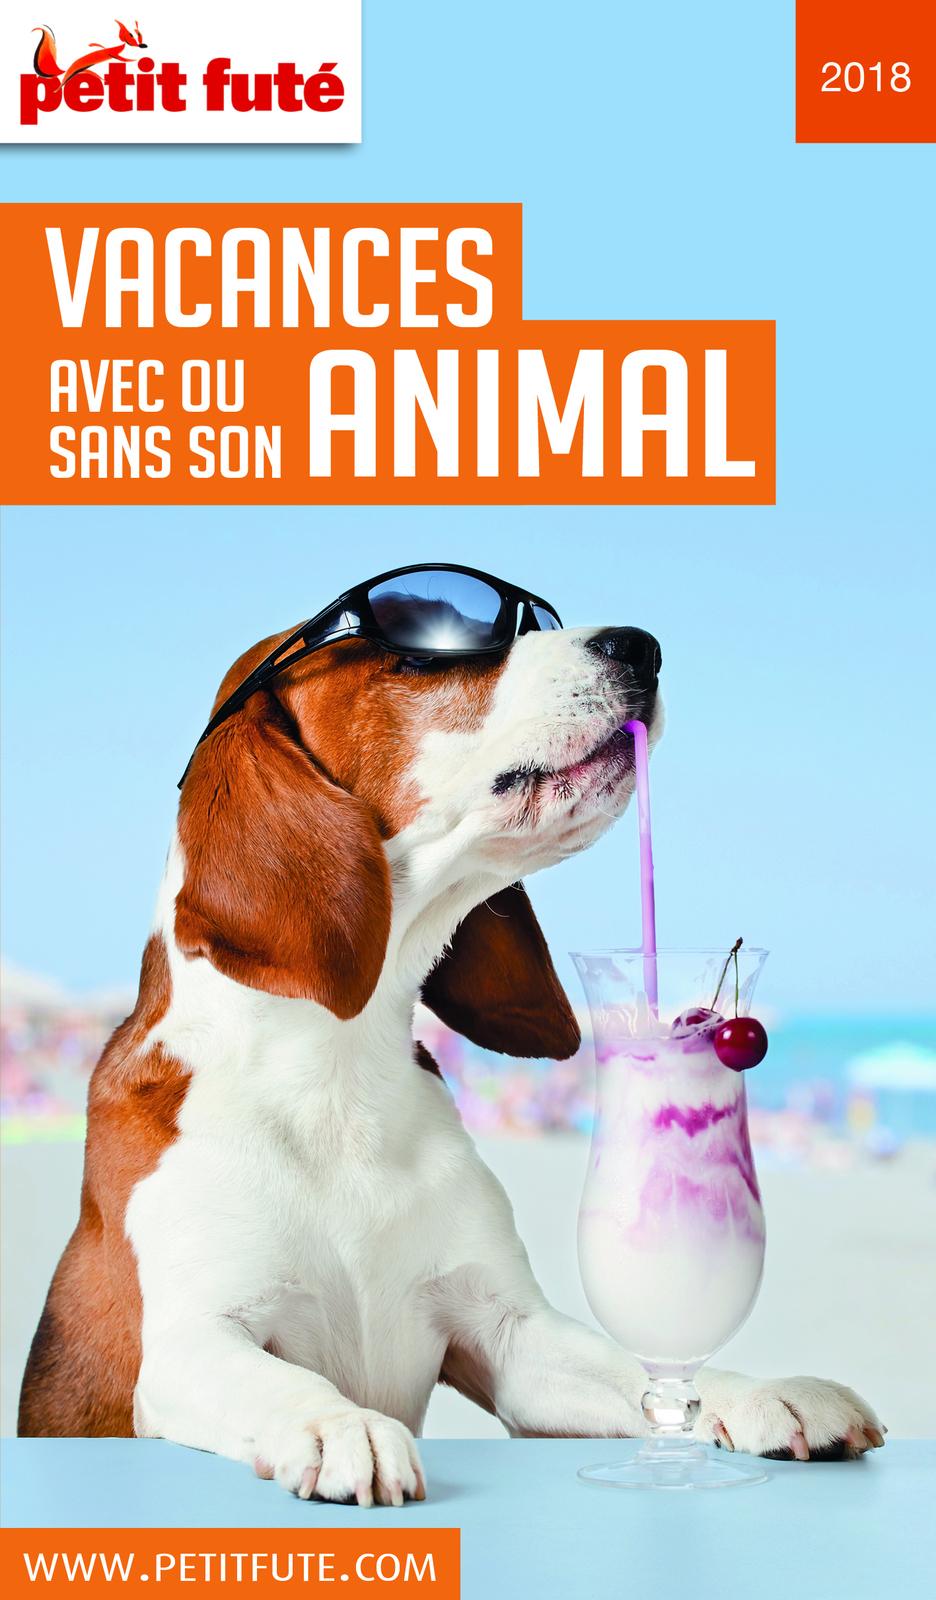 VACANCES AVEC OU SANS SON ANIMAL 2018 Petit Futé